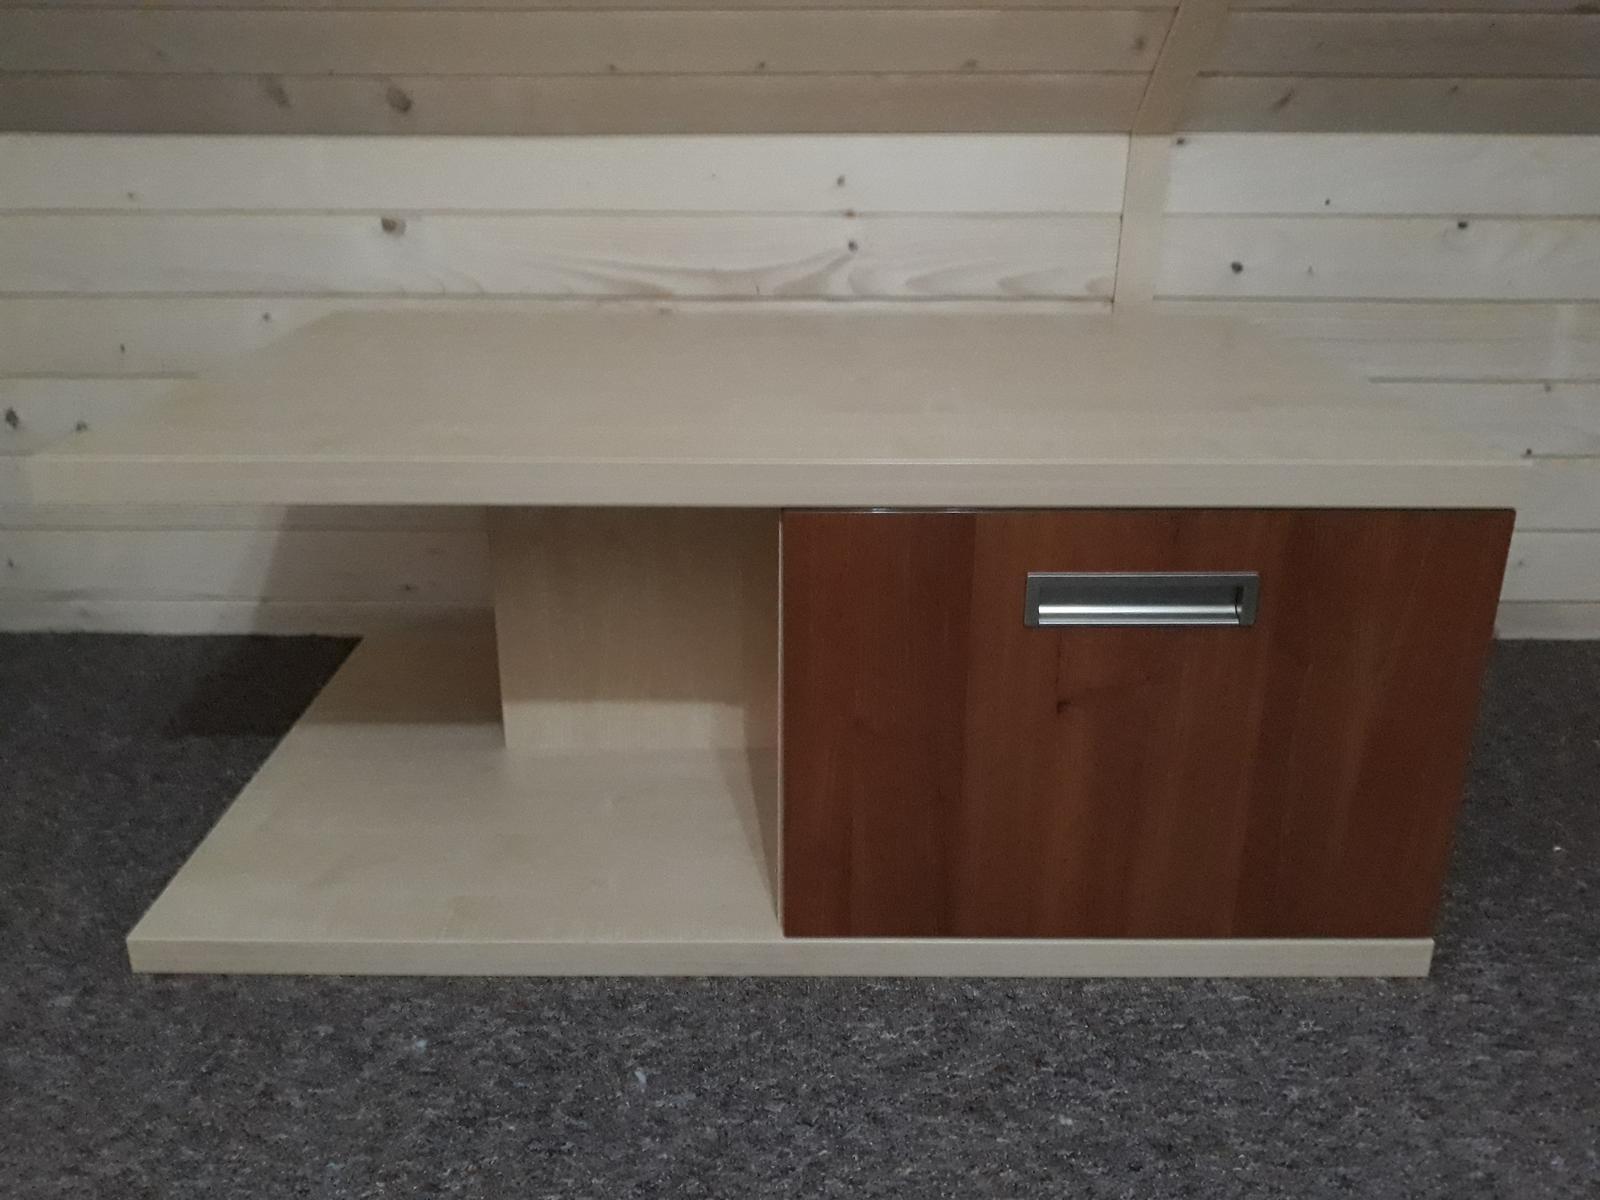 Konferenčný stôl 110 x 70 cm - Obrázok č. 1